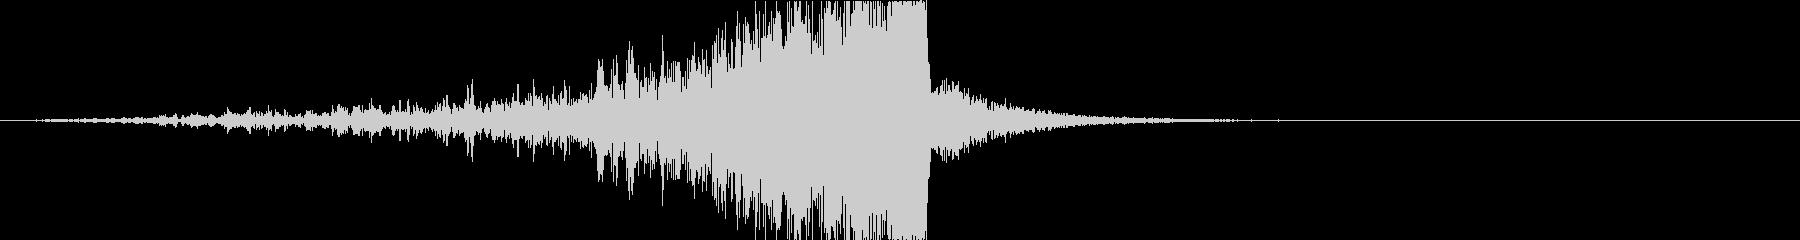 ドラマティックなリバース音38-01の未再生の波形